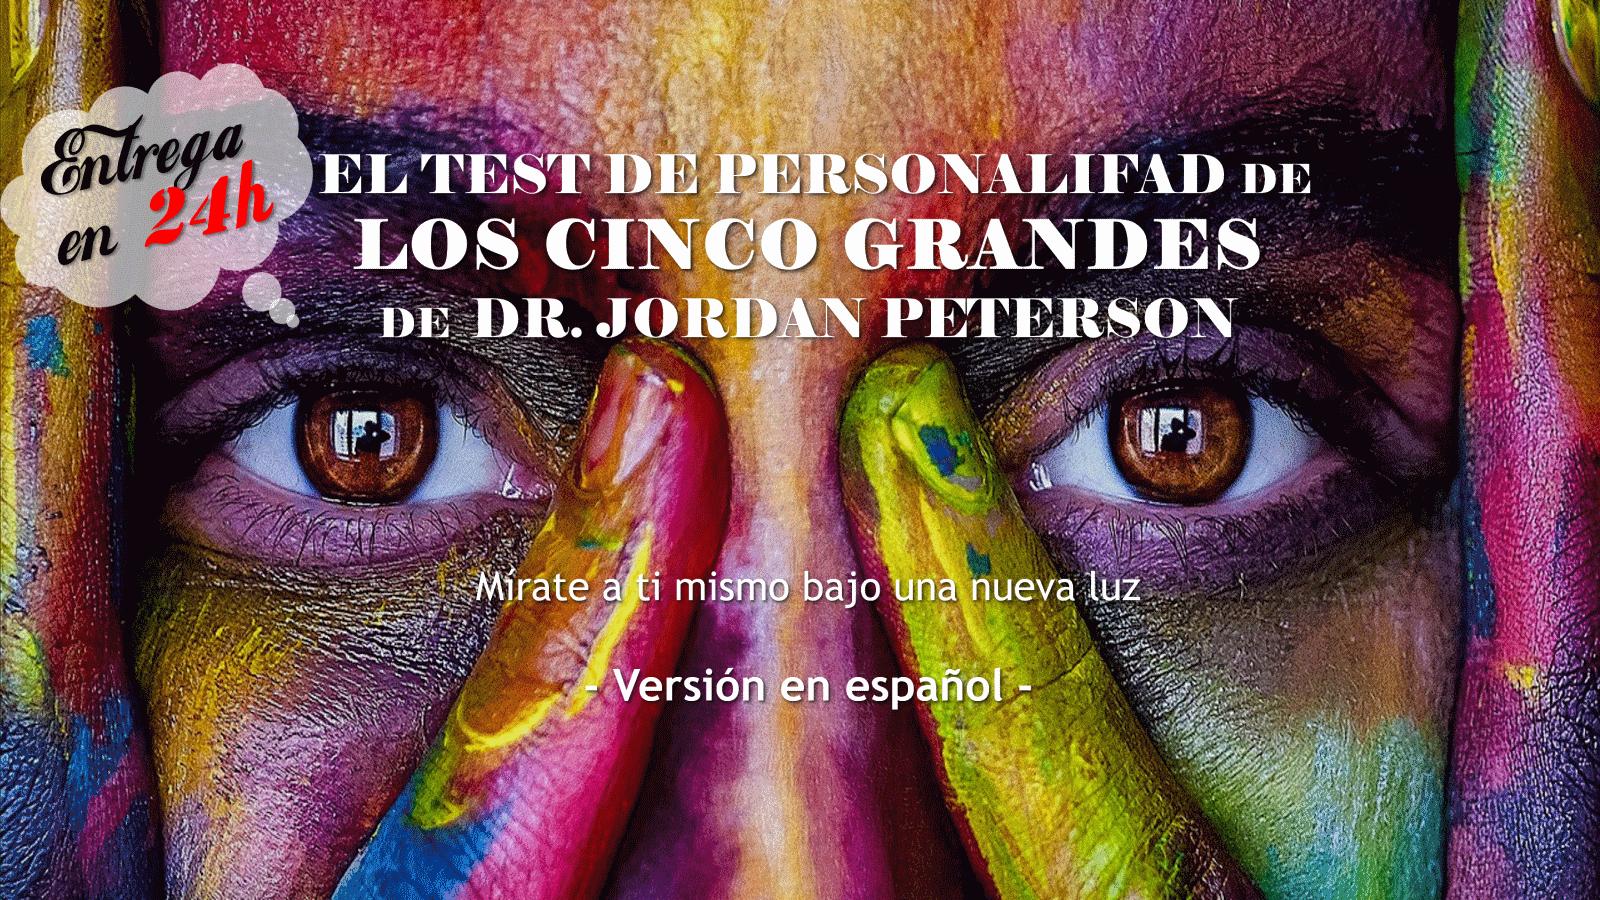 El Test de Personalidad de Los Cinco Grandes de JORDAN PETERSON – Ahora en Español!